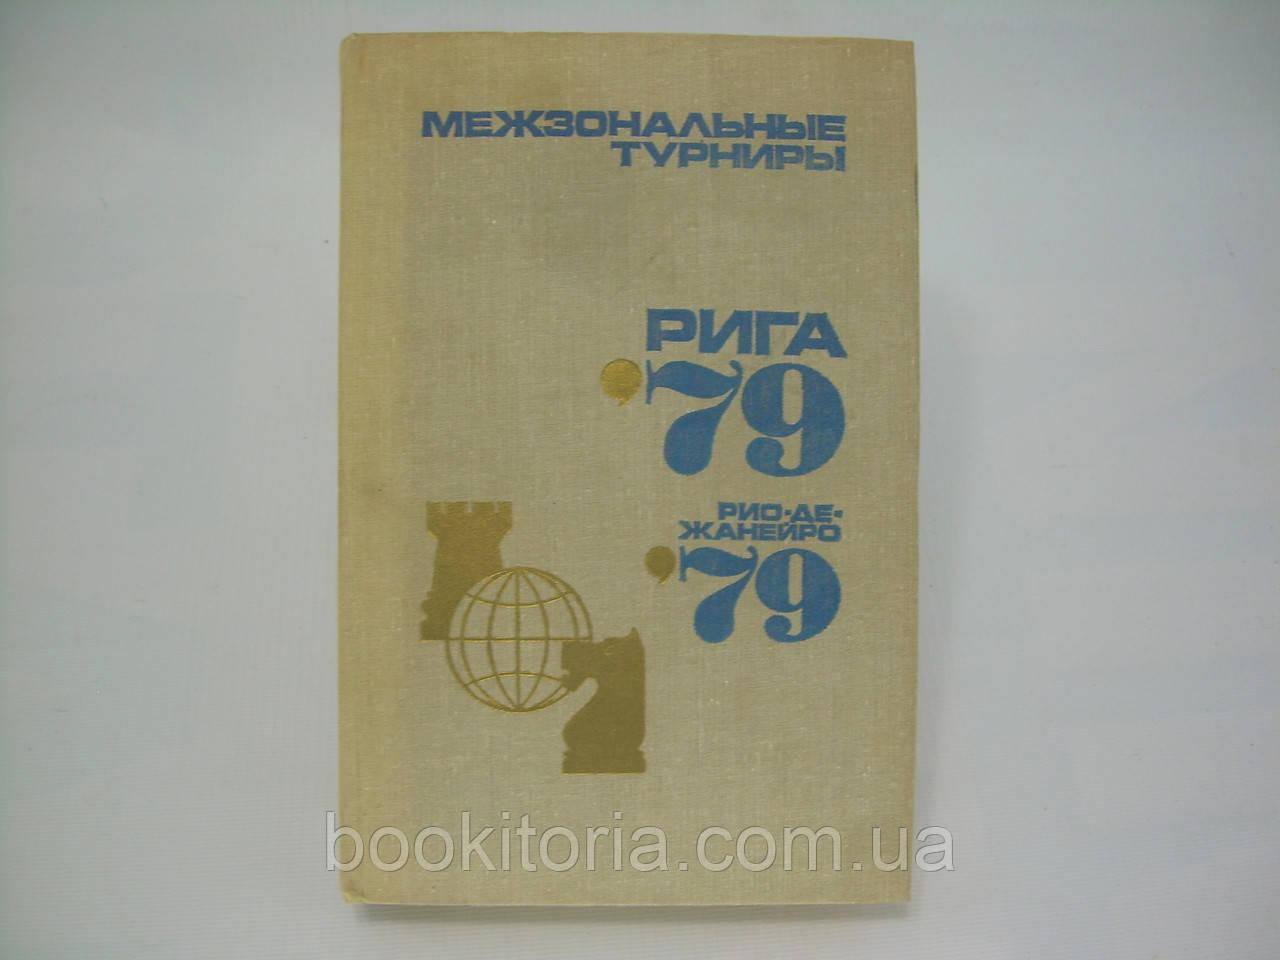 Межзональные турниры: Рига-79. Рио-де-Жанейро-79 (б/у).